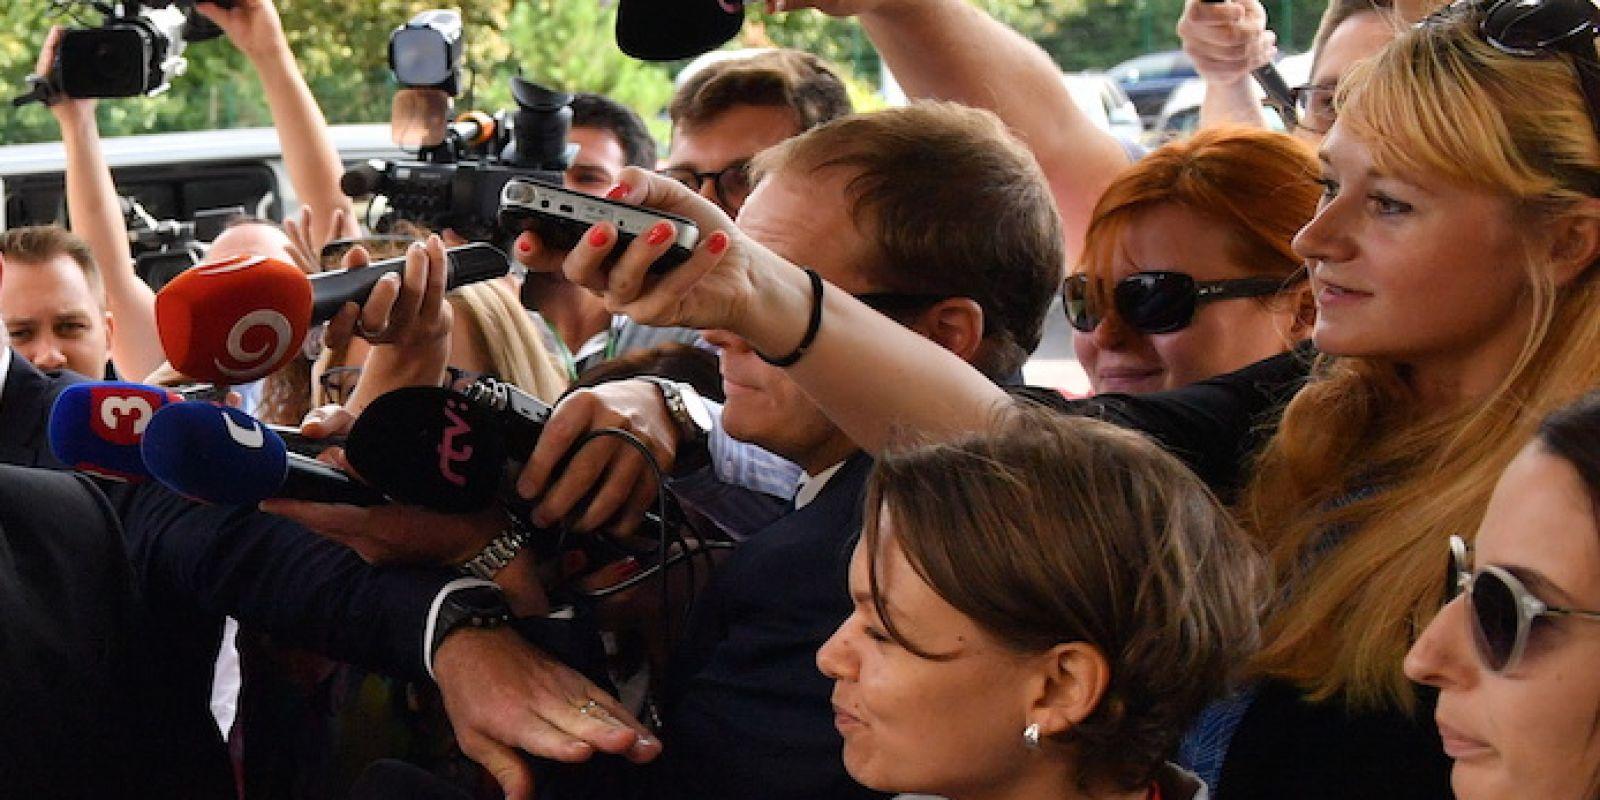 Slobodné médiá = slobodná spoločnosť! Ako je to s krajinami a médiami v súčasnosti!?